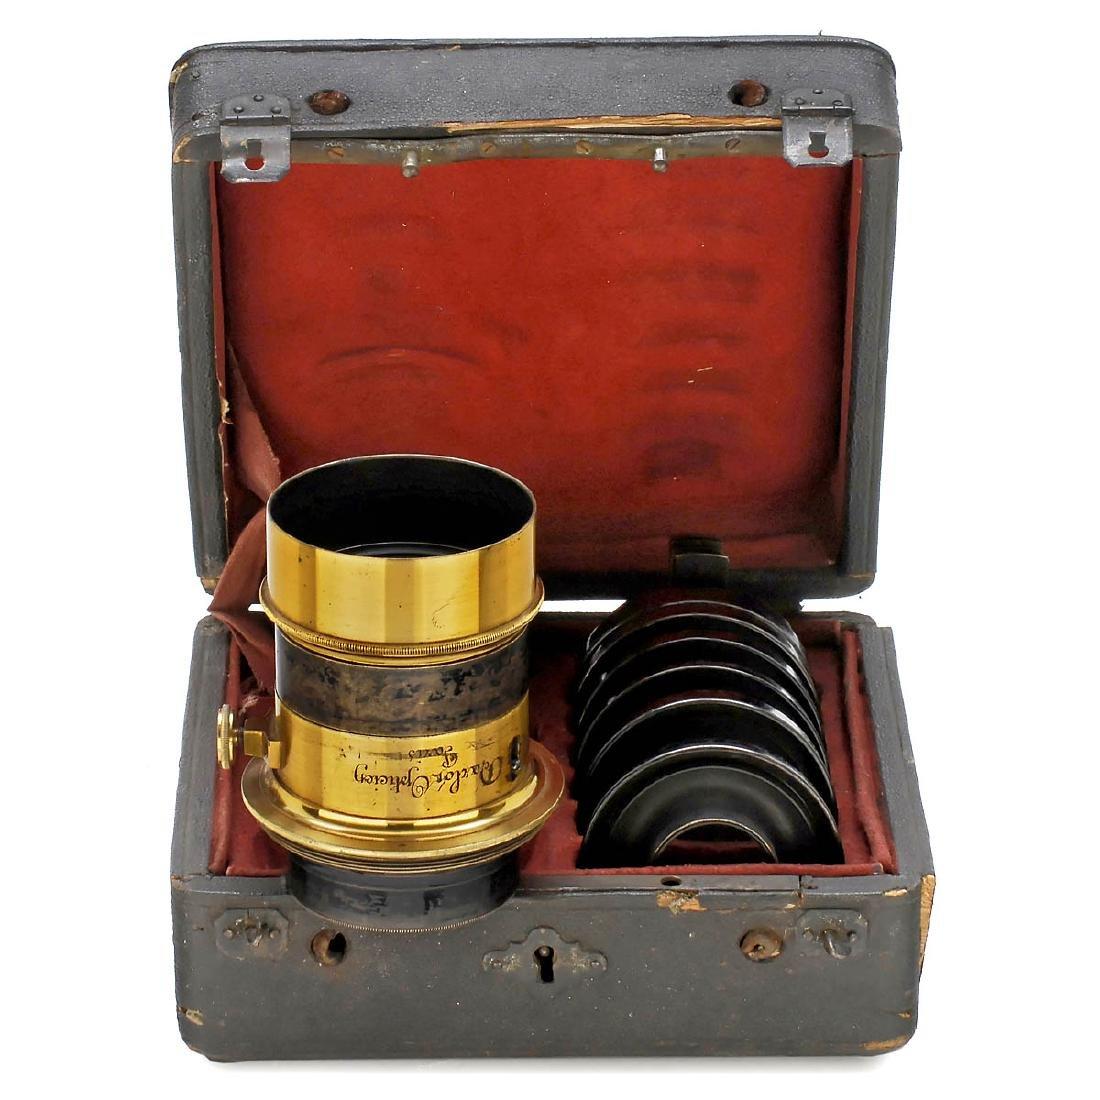 2 Brass Lenses by Darlot